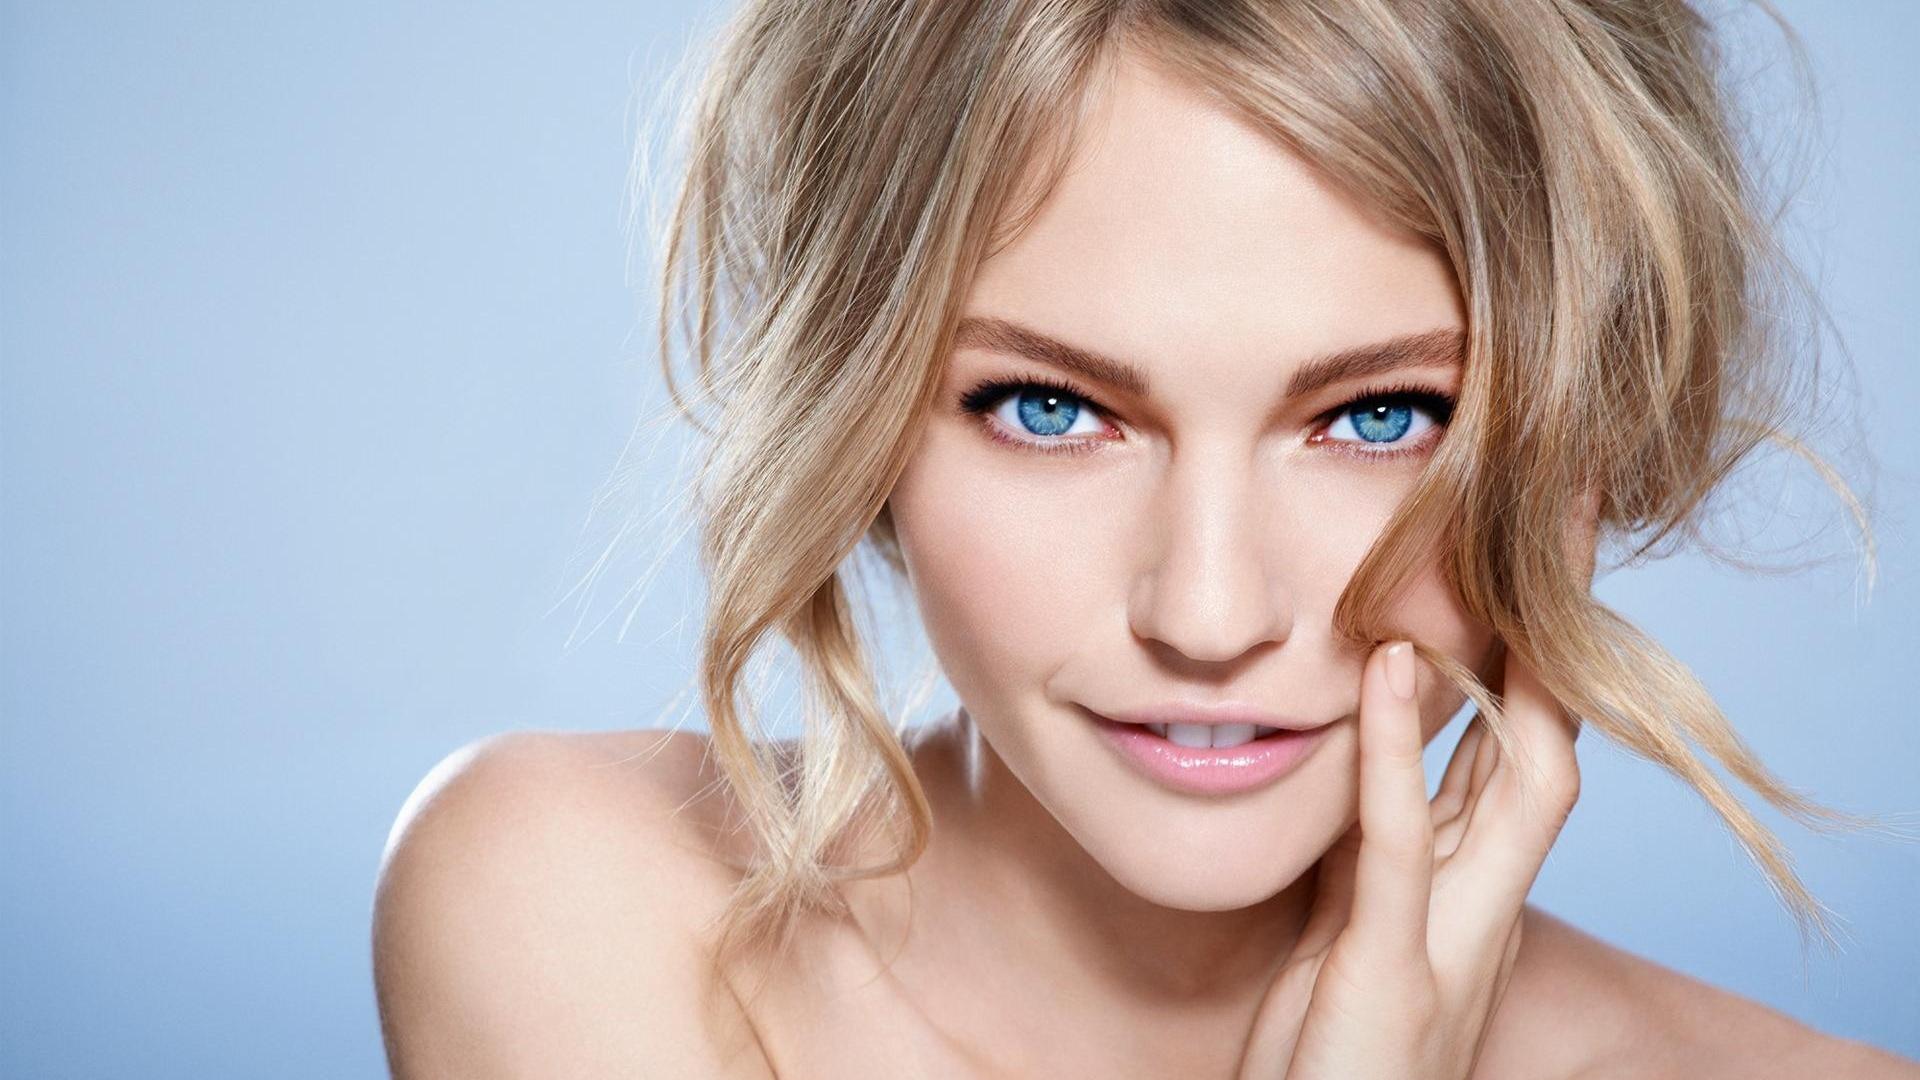 純粋な女の子、青い目 壁紙 - 1920x108... 純粋な女の子、青い目 壁紙 | 1920